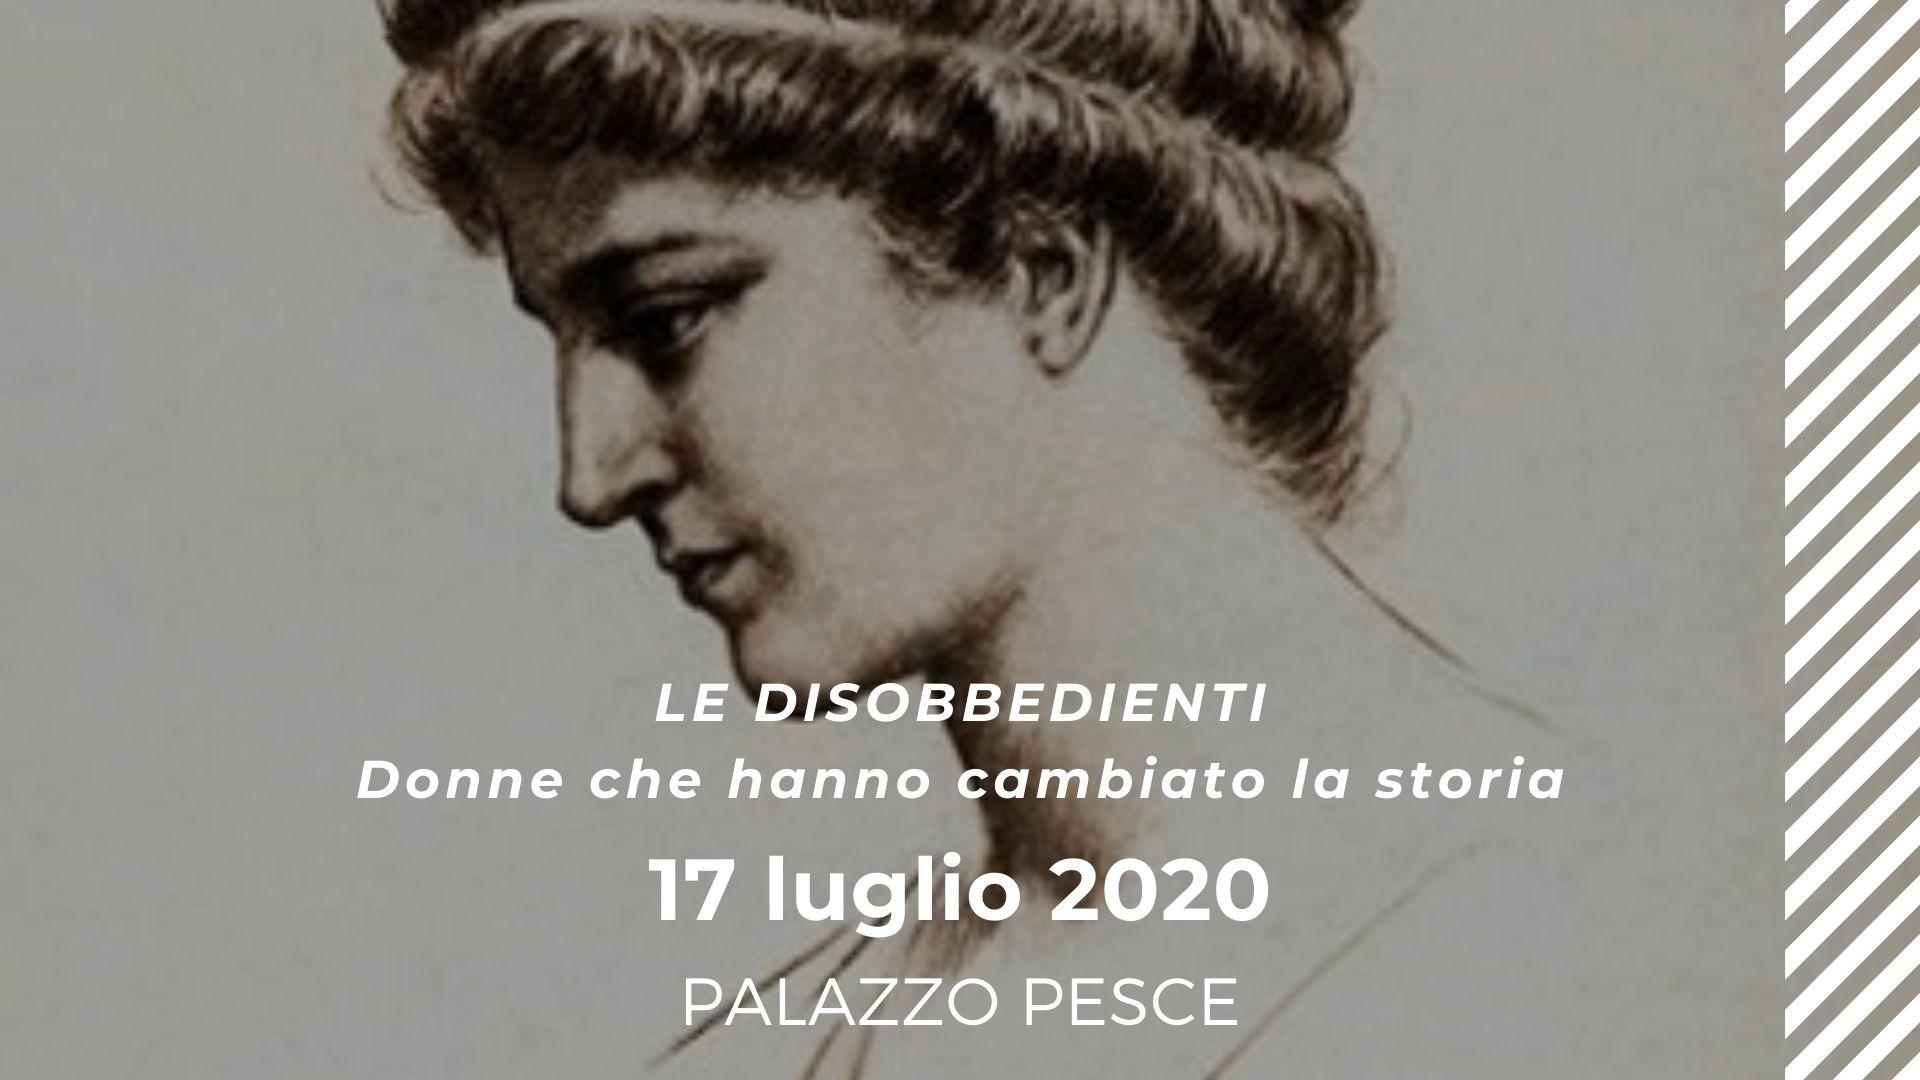 17 luglio 2020 Le disobbedienti a Palazzo Pesce